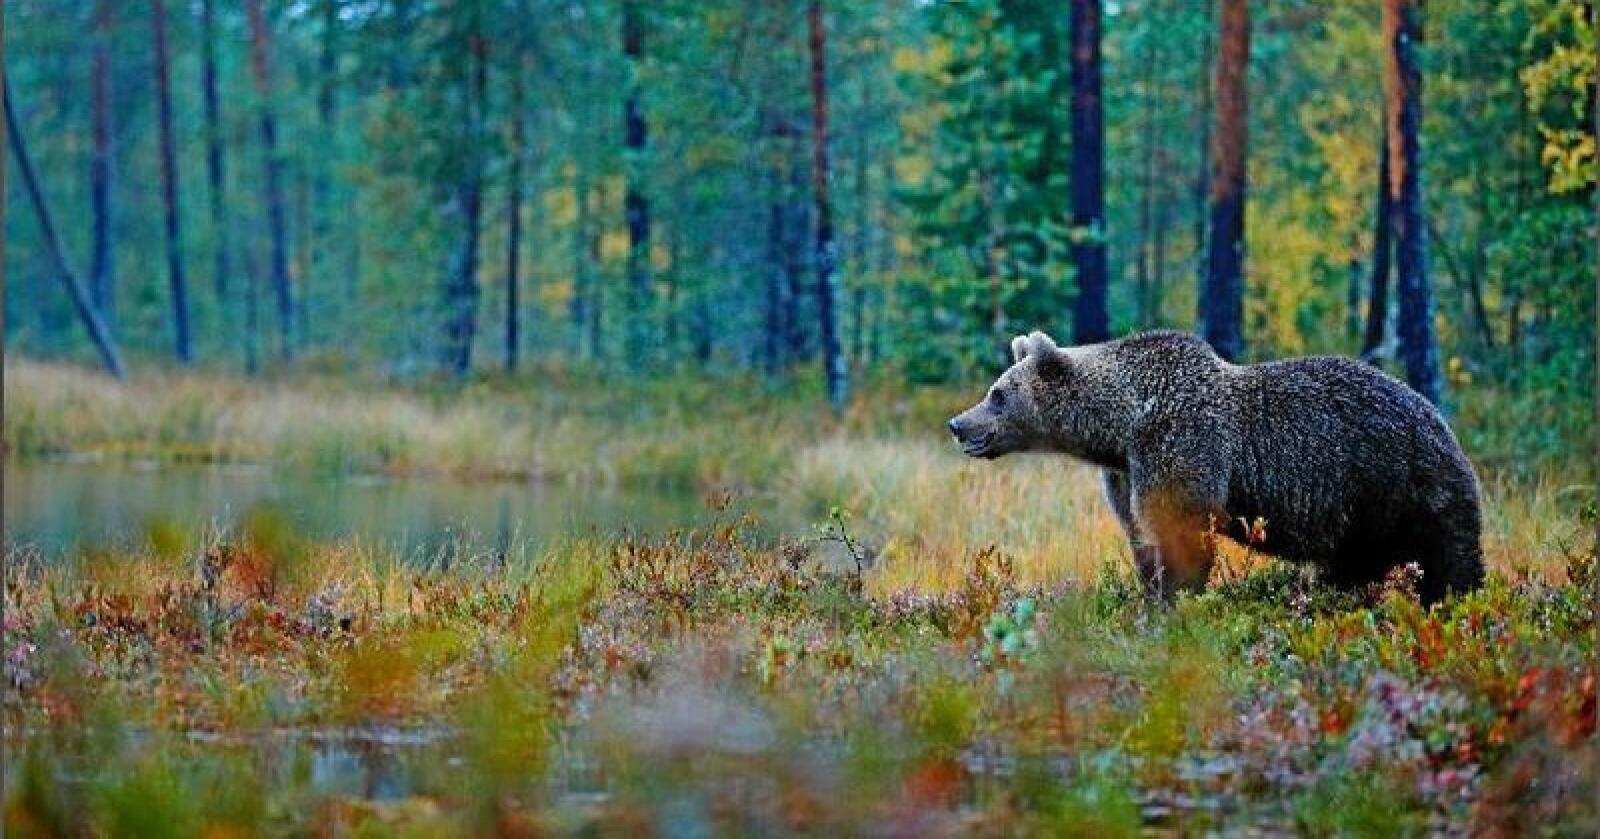 Norges Bondelag ber regjeringen skjære gjennom og godkjenne jakt på en bjørn i Nordland. Foto: Ondrej Prosicky/Mostphotos